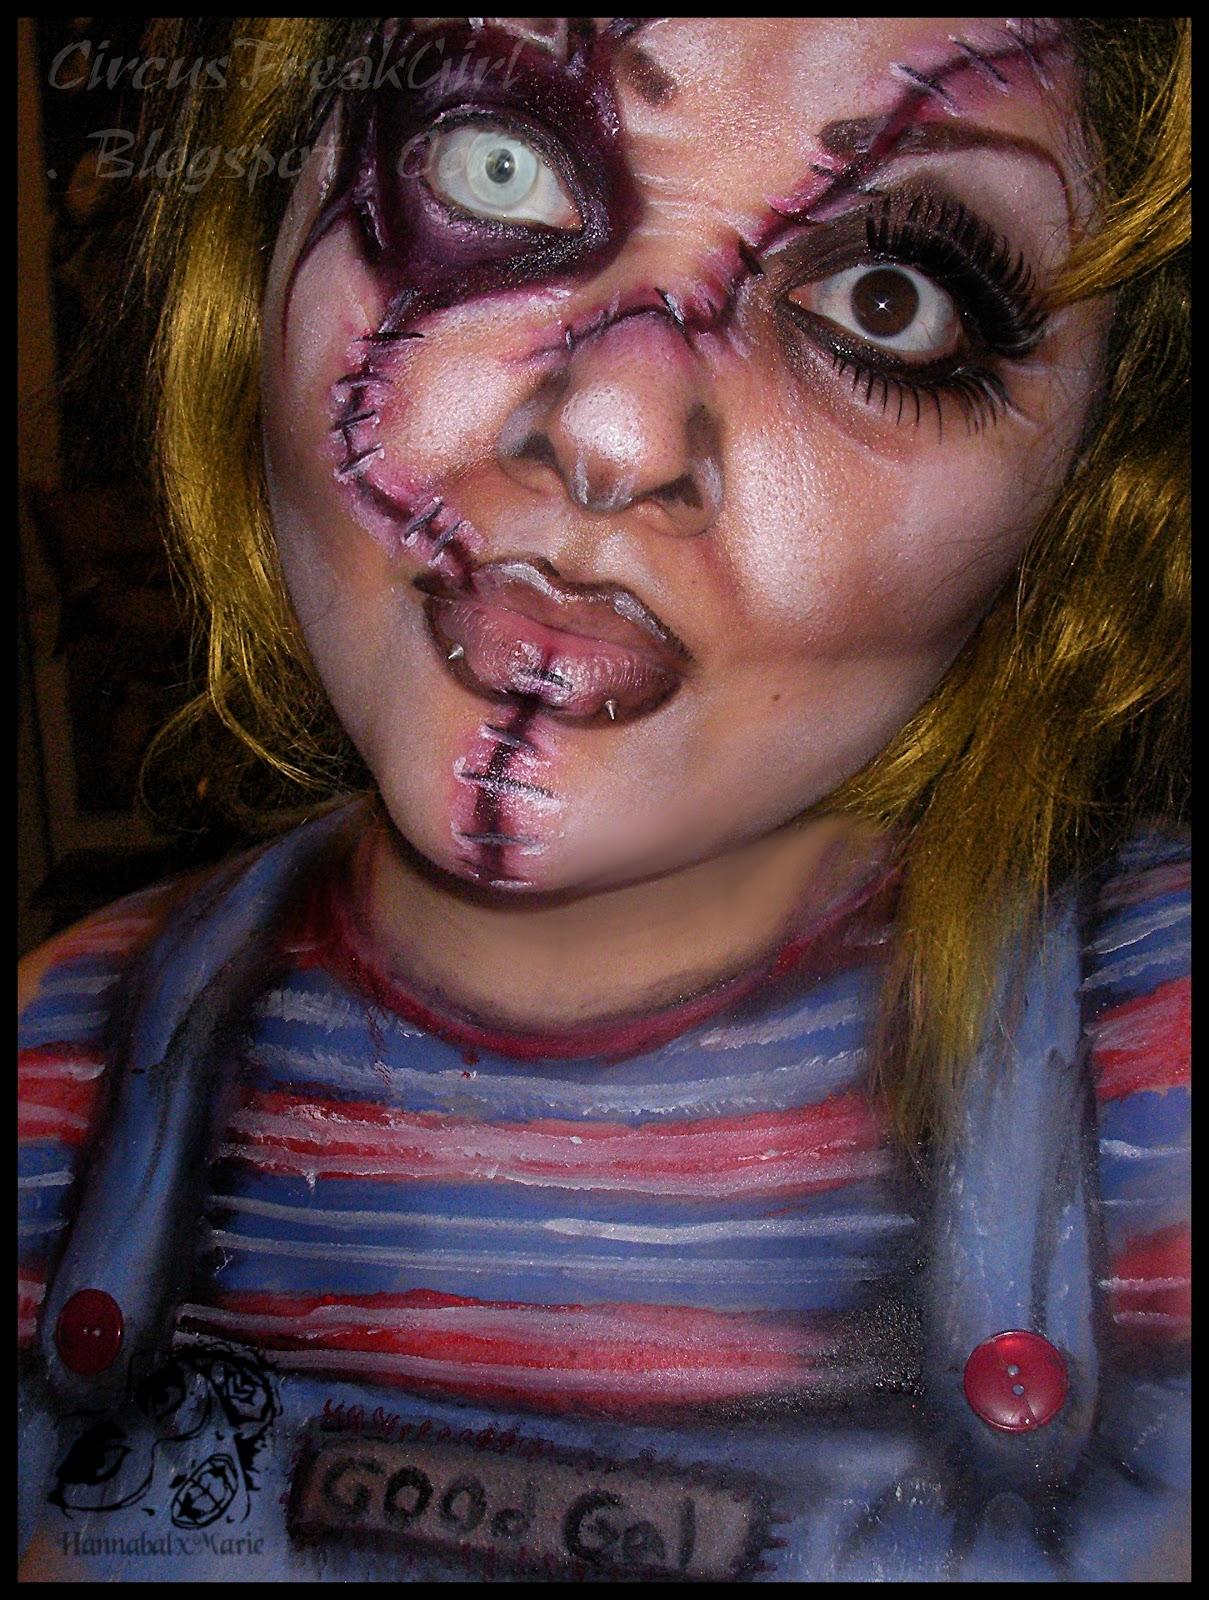 Hannabal Marie: Female Chucky Makeup Look